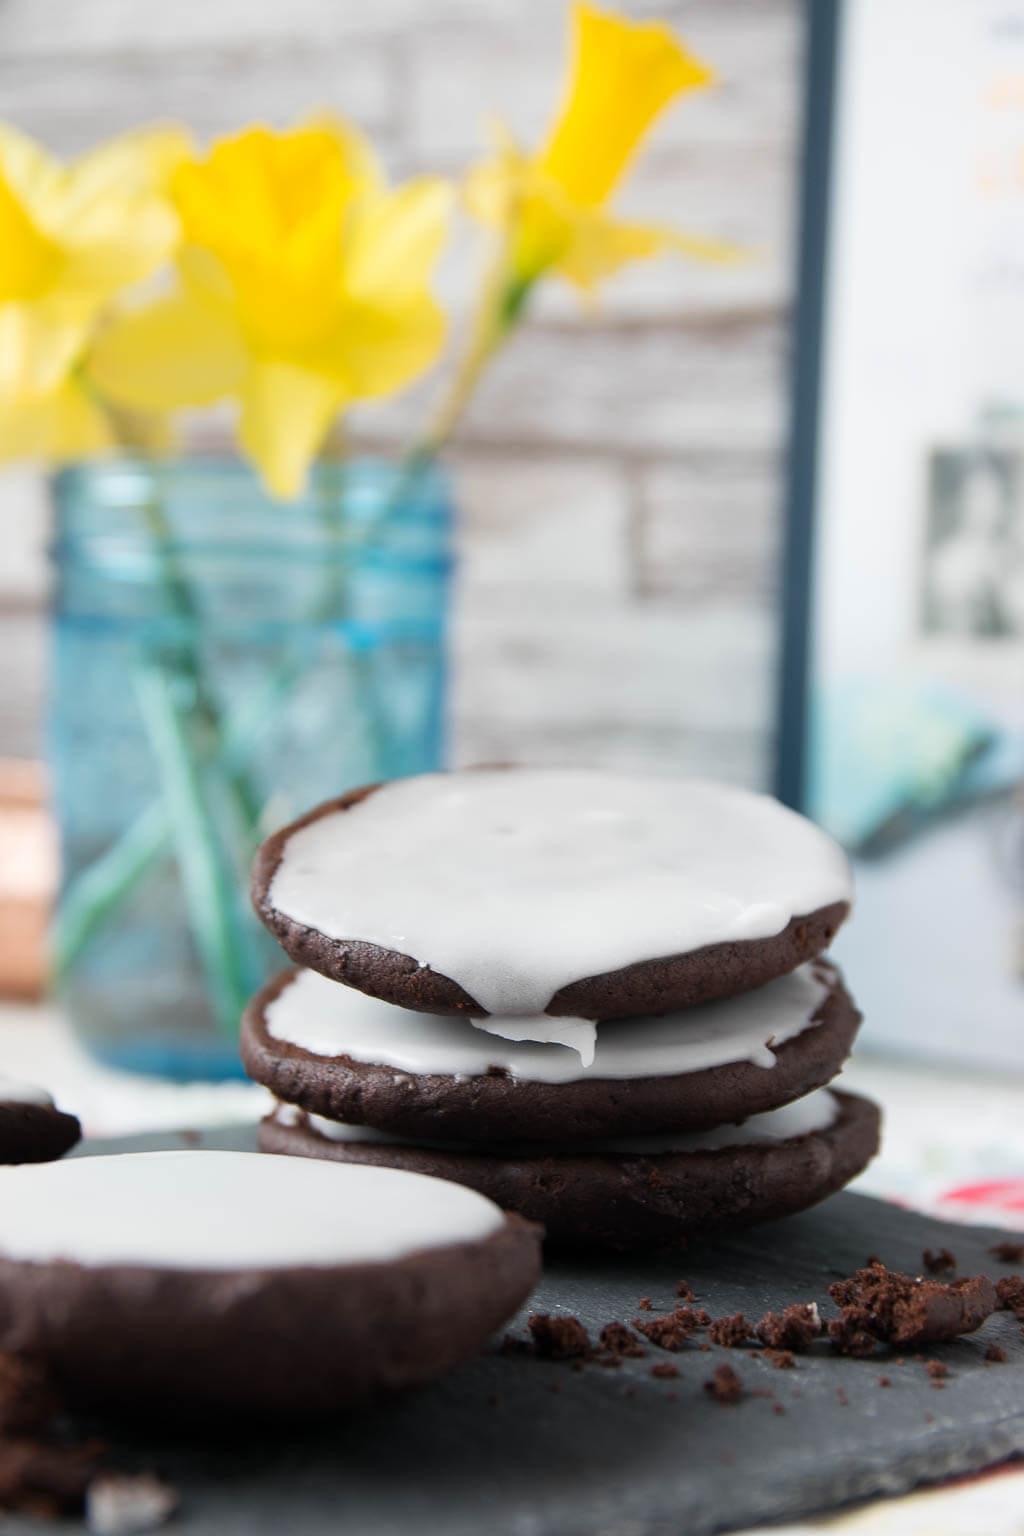 Kuchen auf die Hand - perfekt für Chocolate Victims wie mich